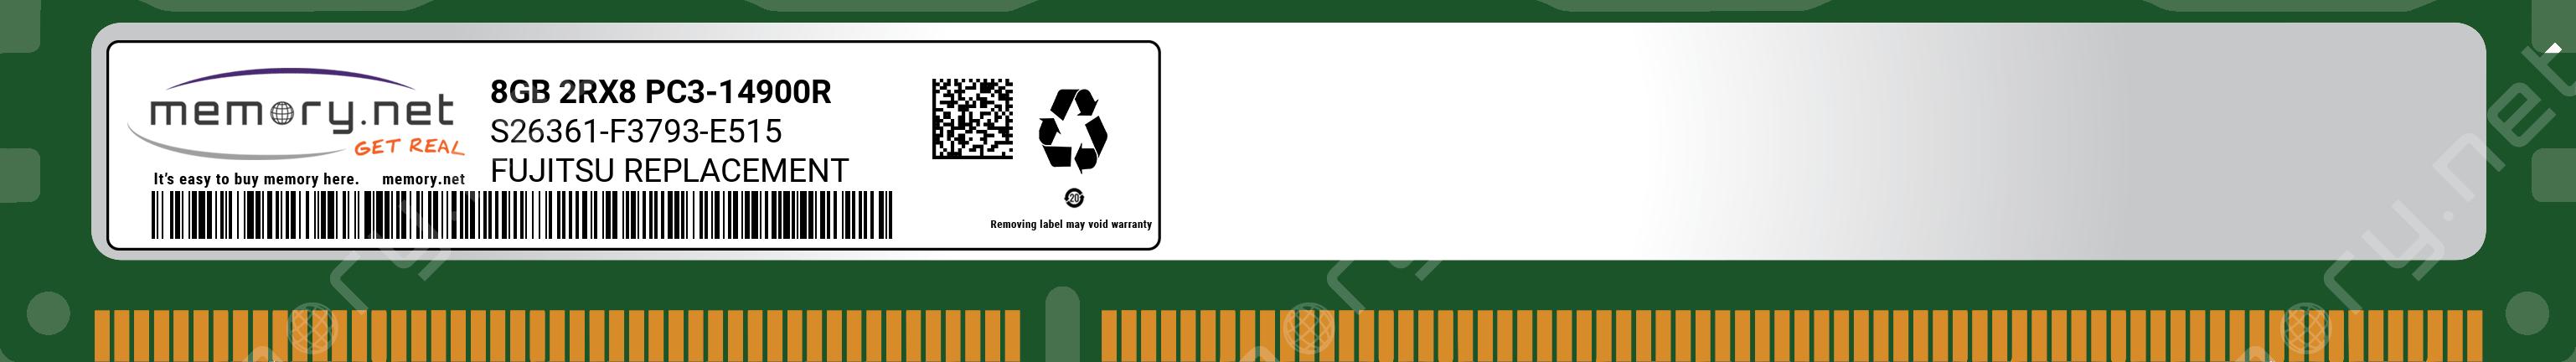 S26361-F3793-E515